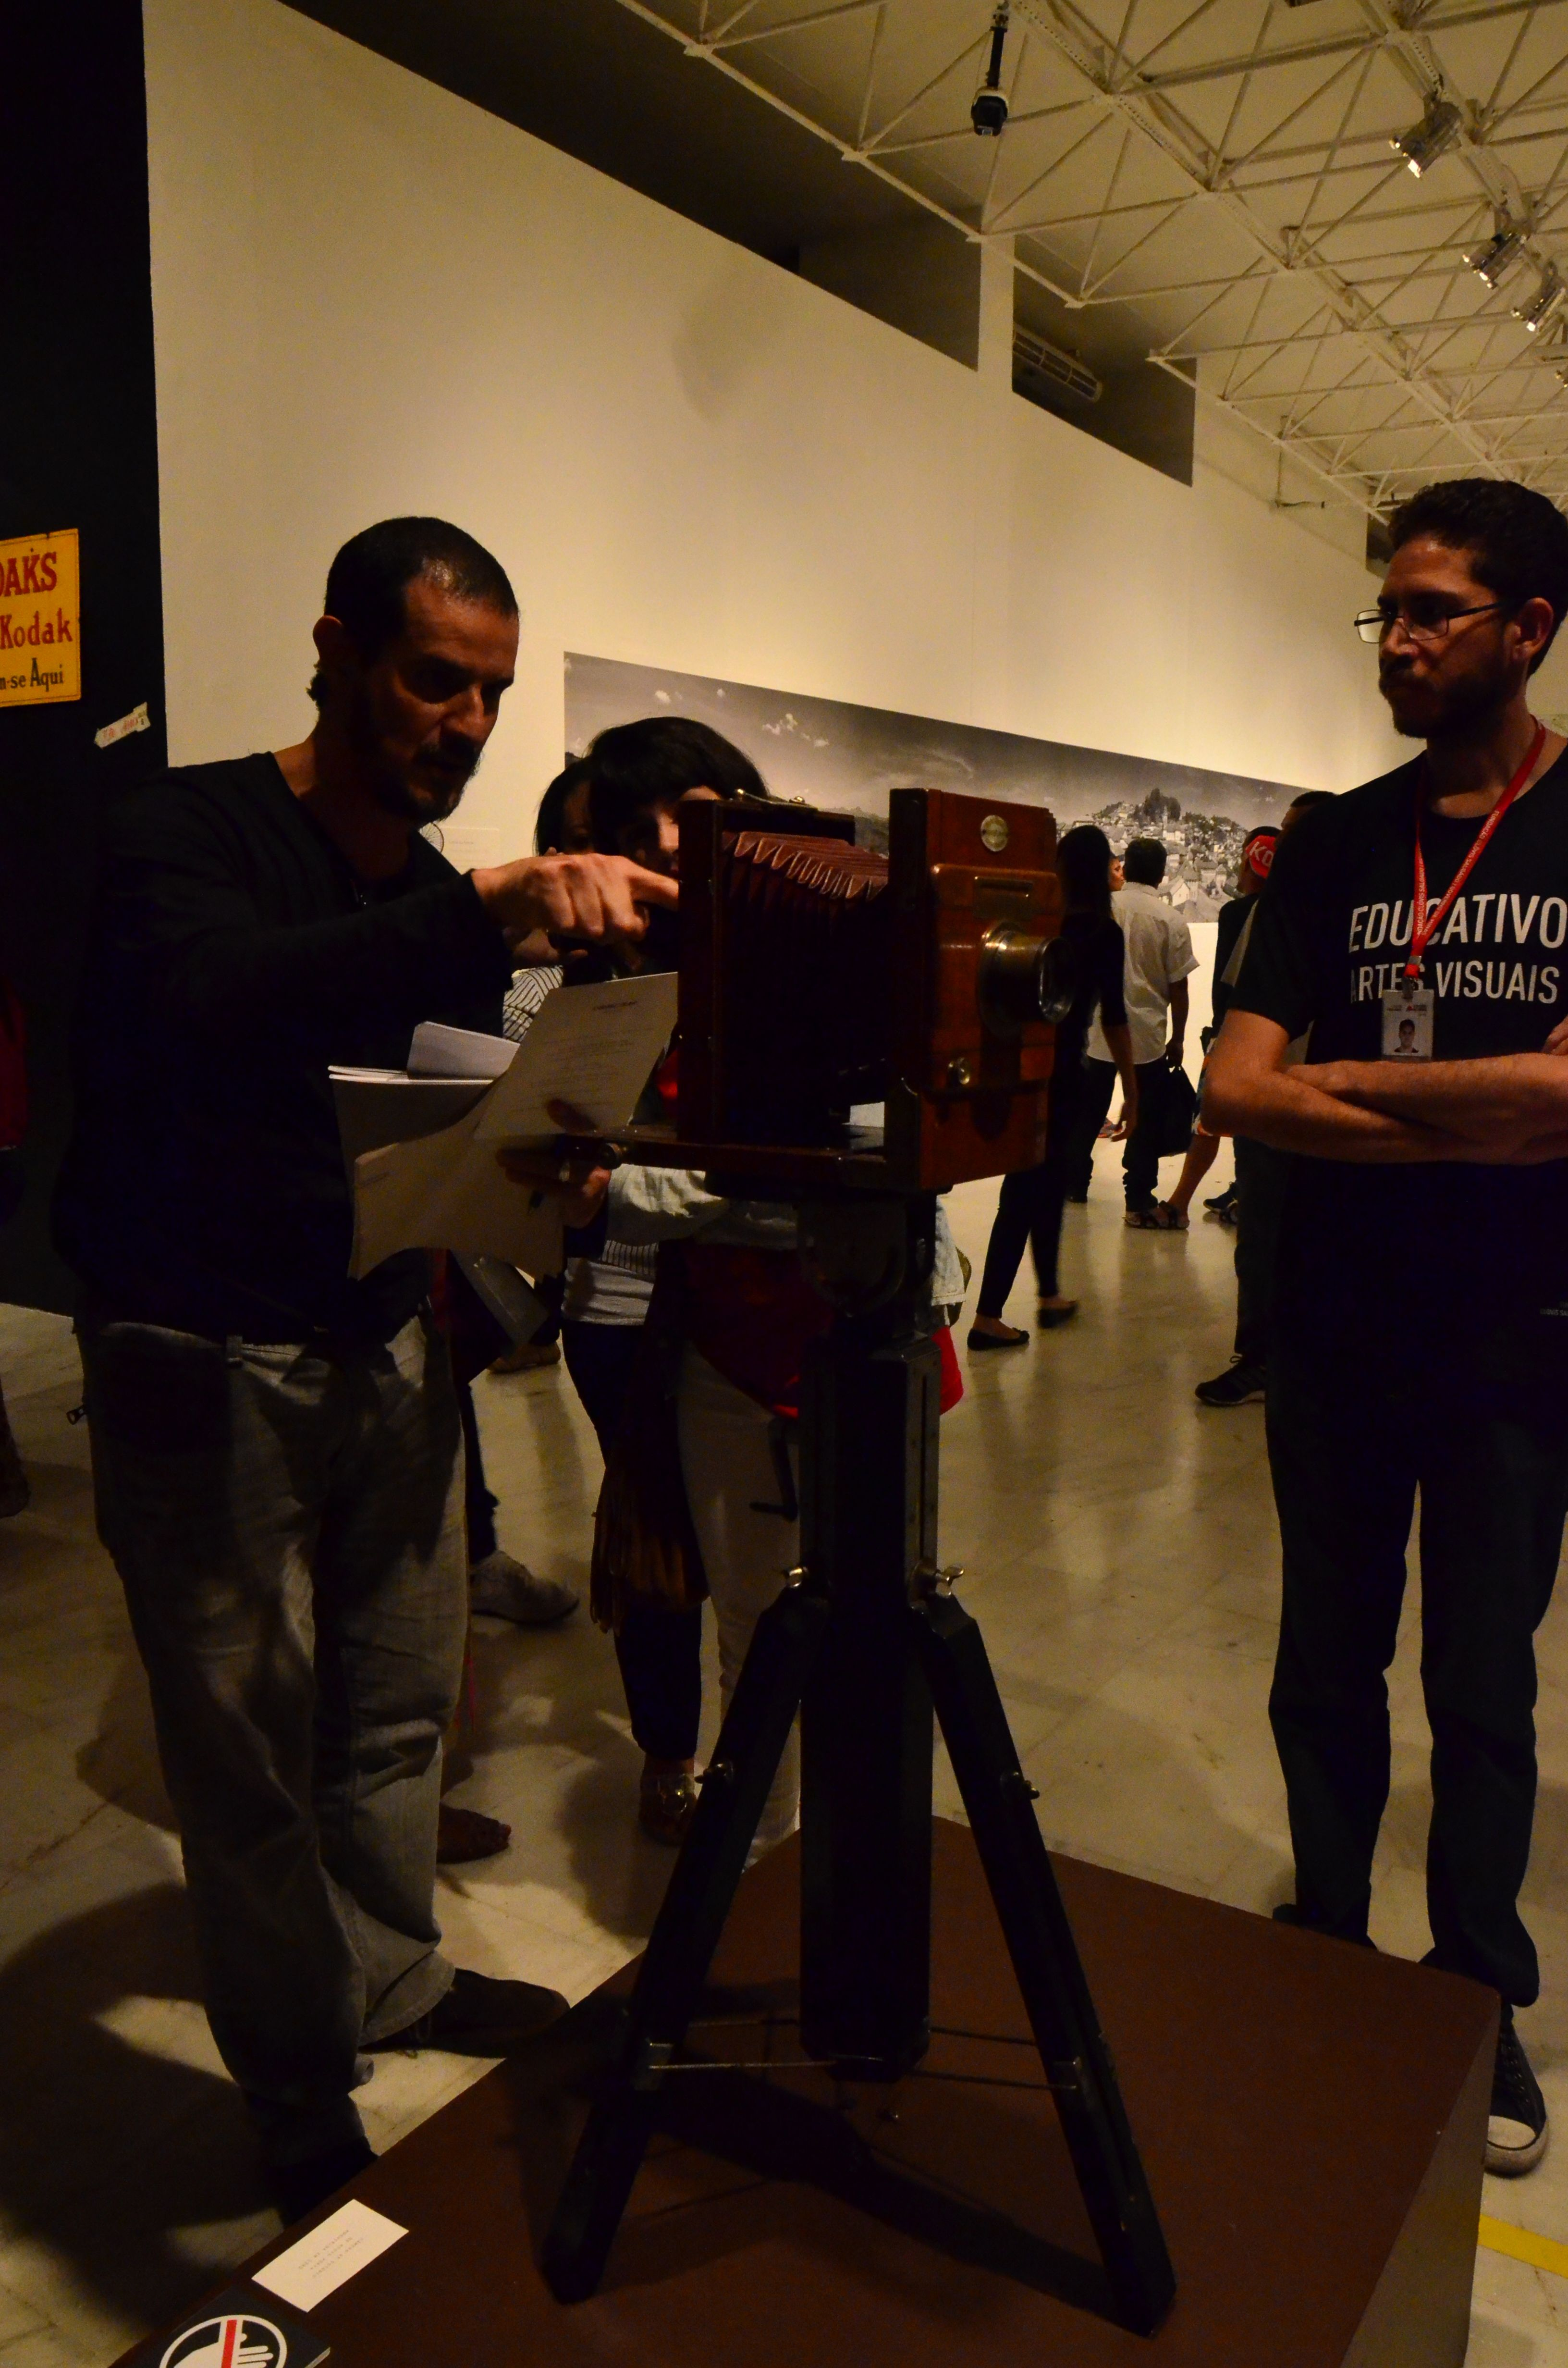 Equipamento usado em Diamantina para representar população em fotos das décadas de 40 e 50. Exposição, Palácio das Artes, BH, MG, Brasil.